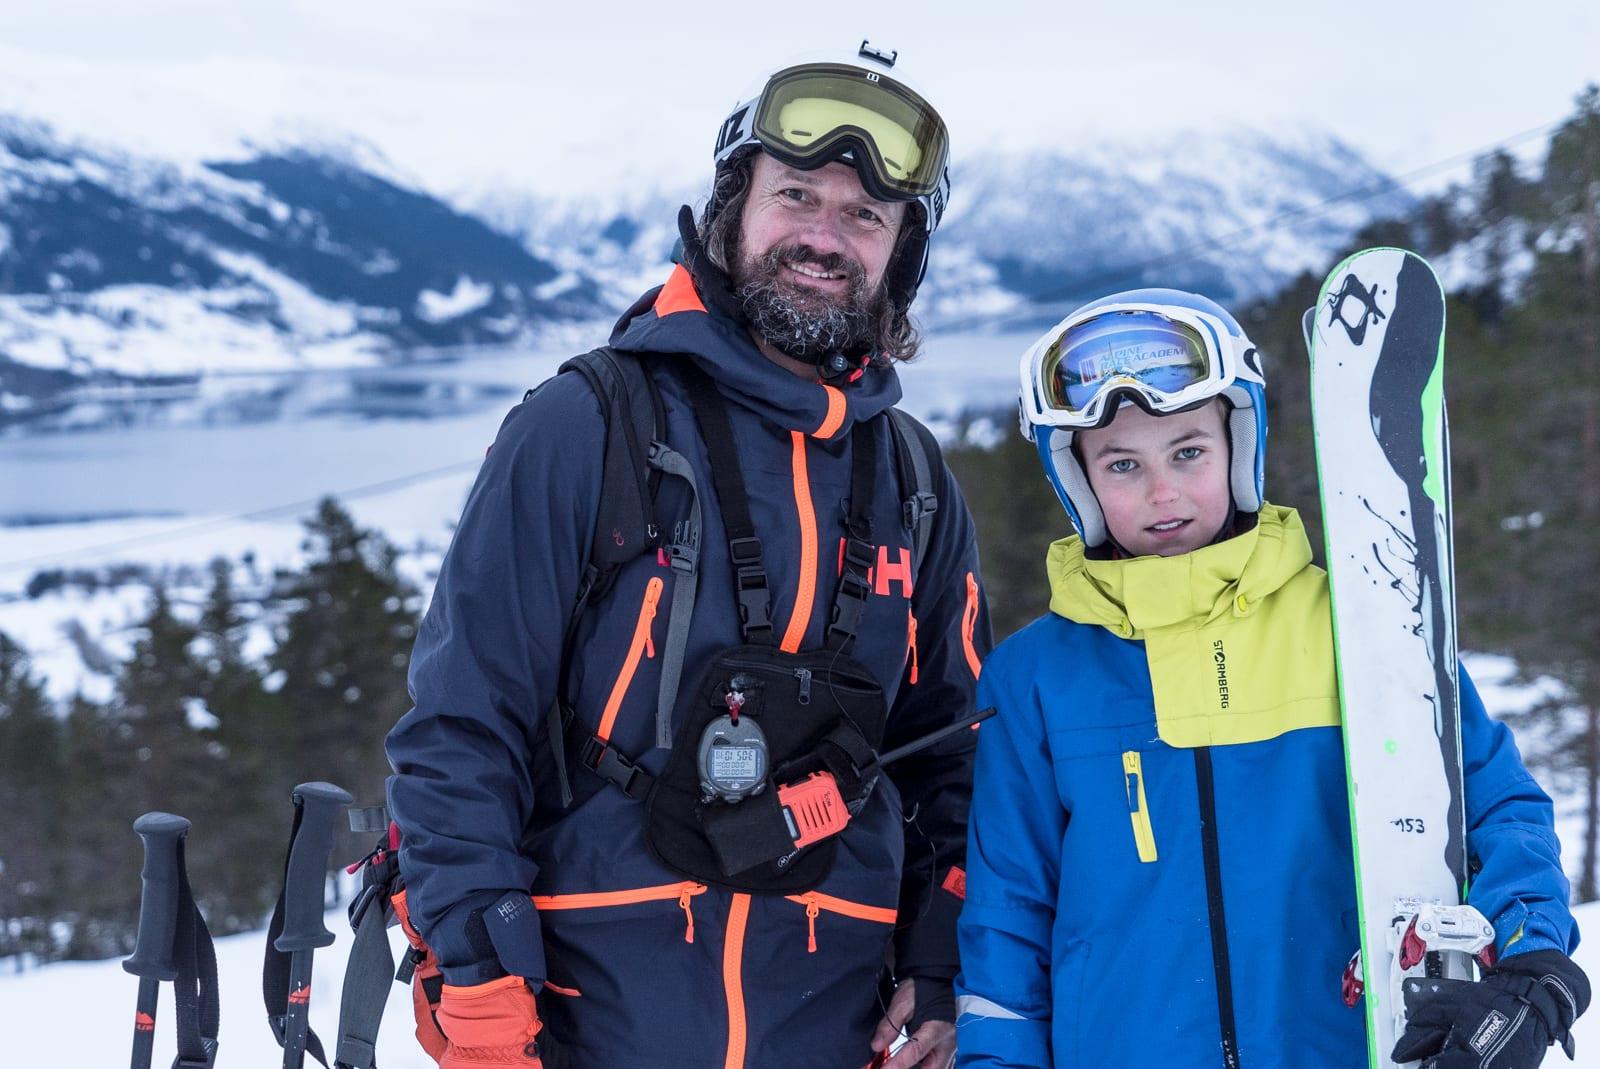 GENERASJONSKLØFTA: Bård Gundersen (47) og Håvard Taklo (11) fant tonen på ski sammen i Jølster Skisenter. Bilde: Christian Nerdrum